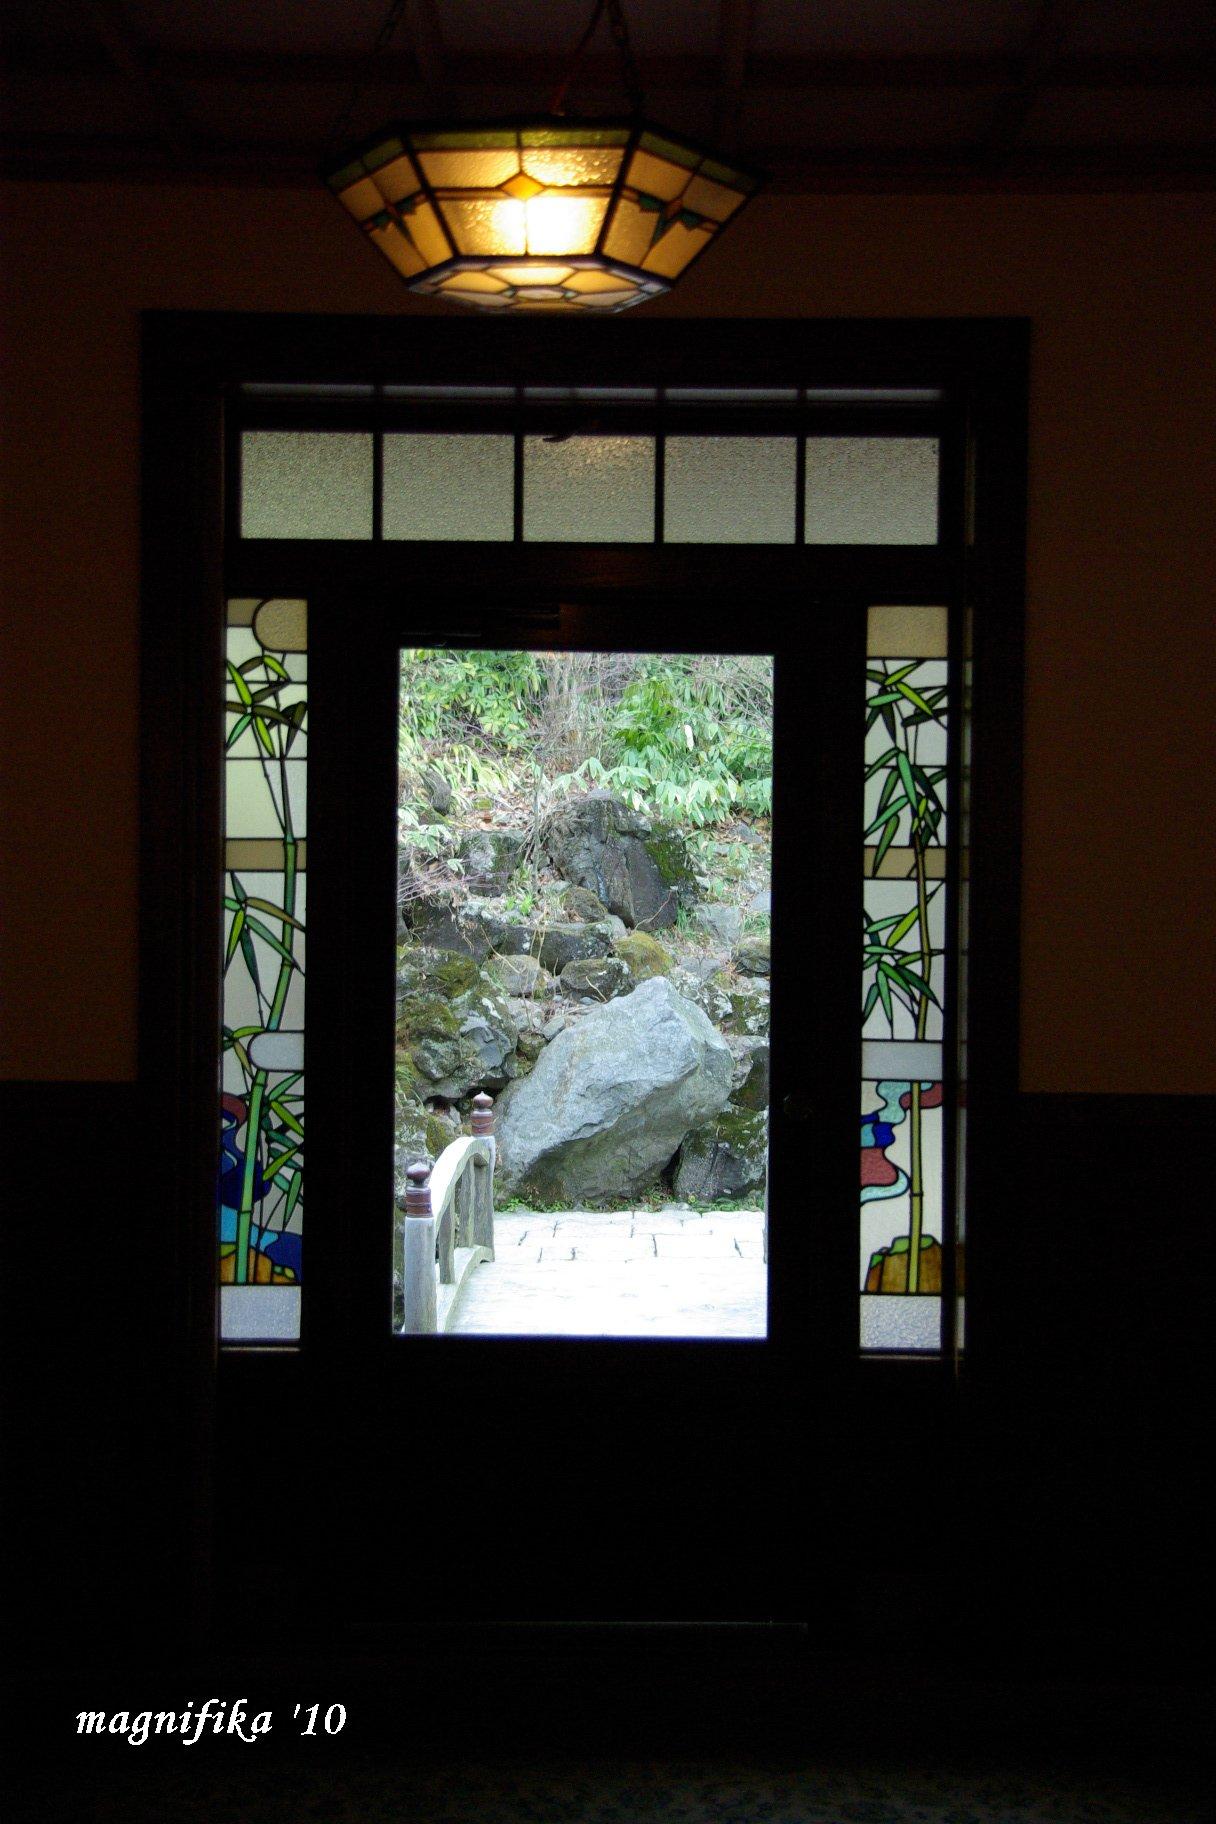 美術館 5 竹久夢二伊香保記念館など/Takehisa Yumeji Museum in Ikaho, Gumma_e0140365_203553.jpg